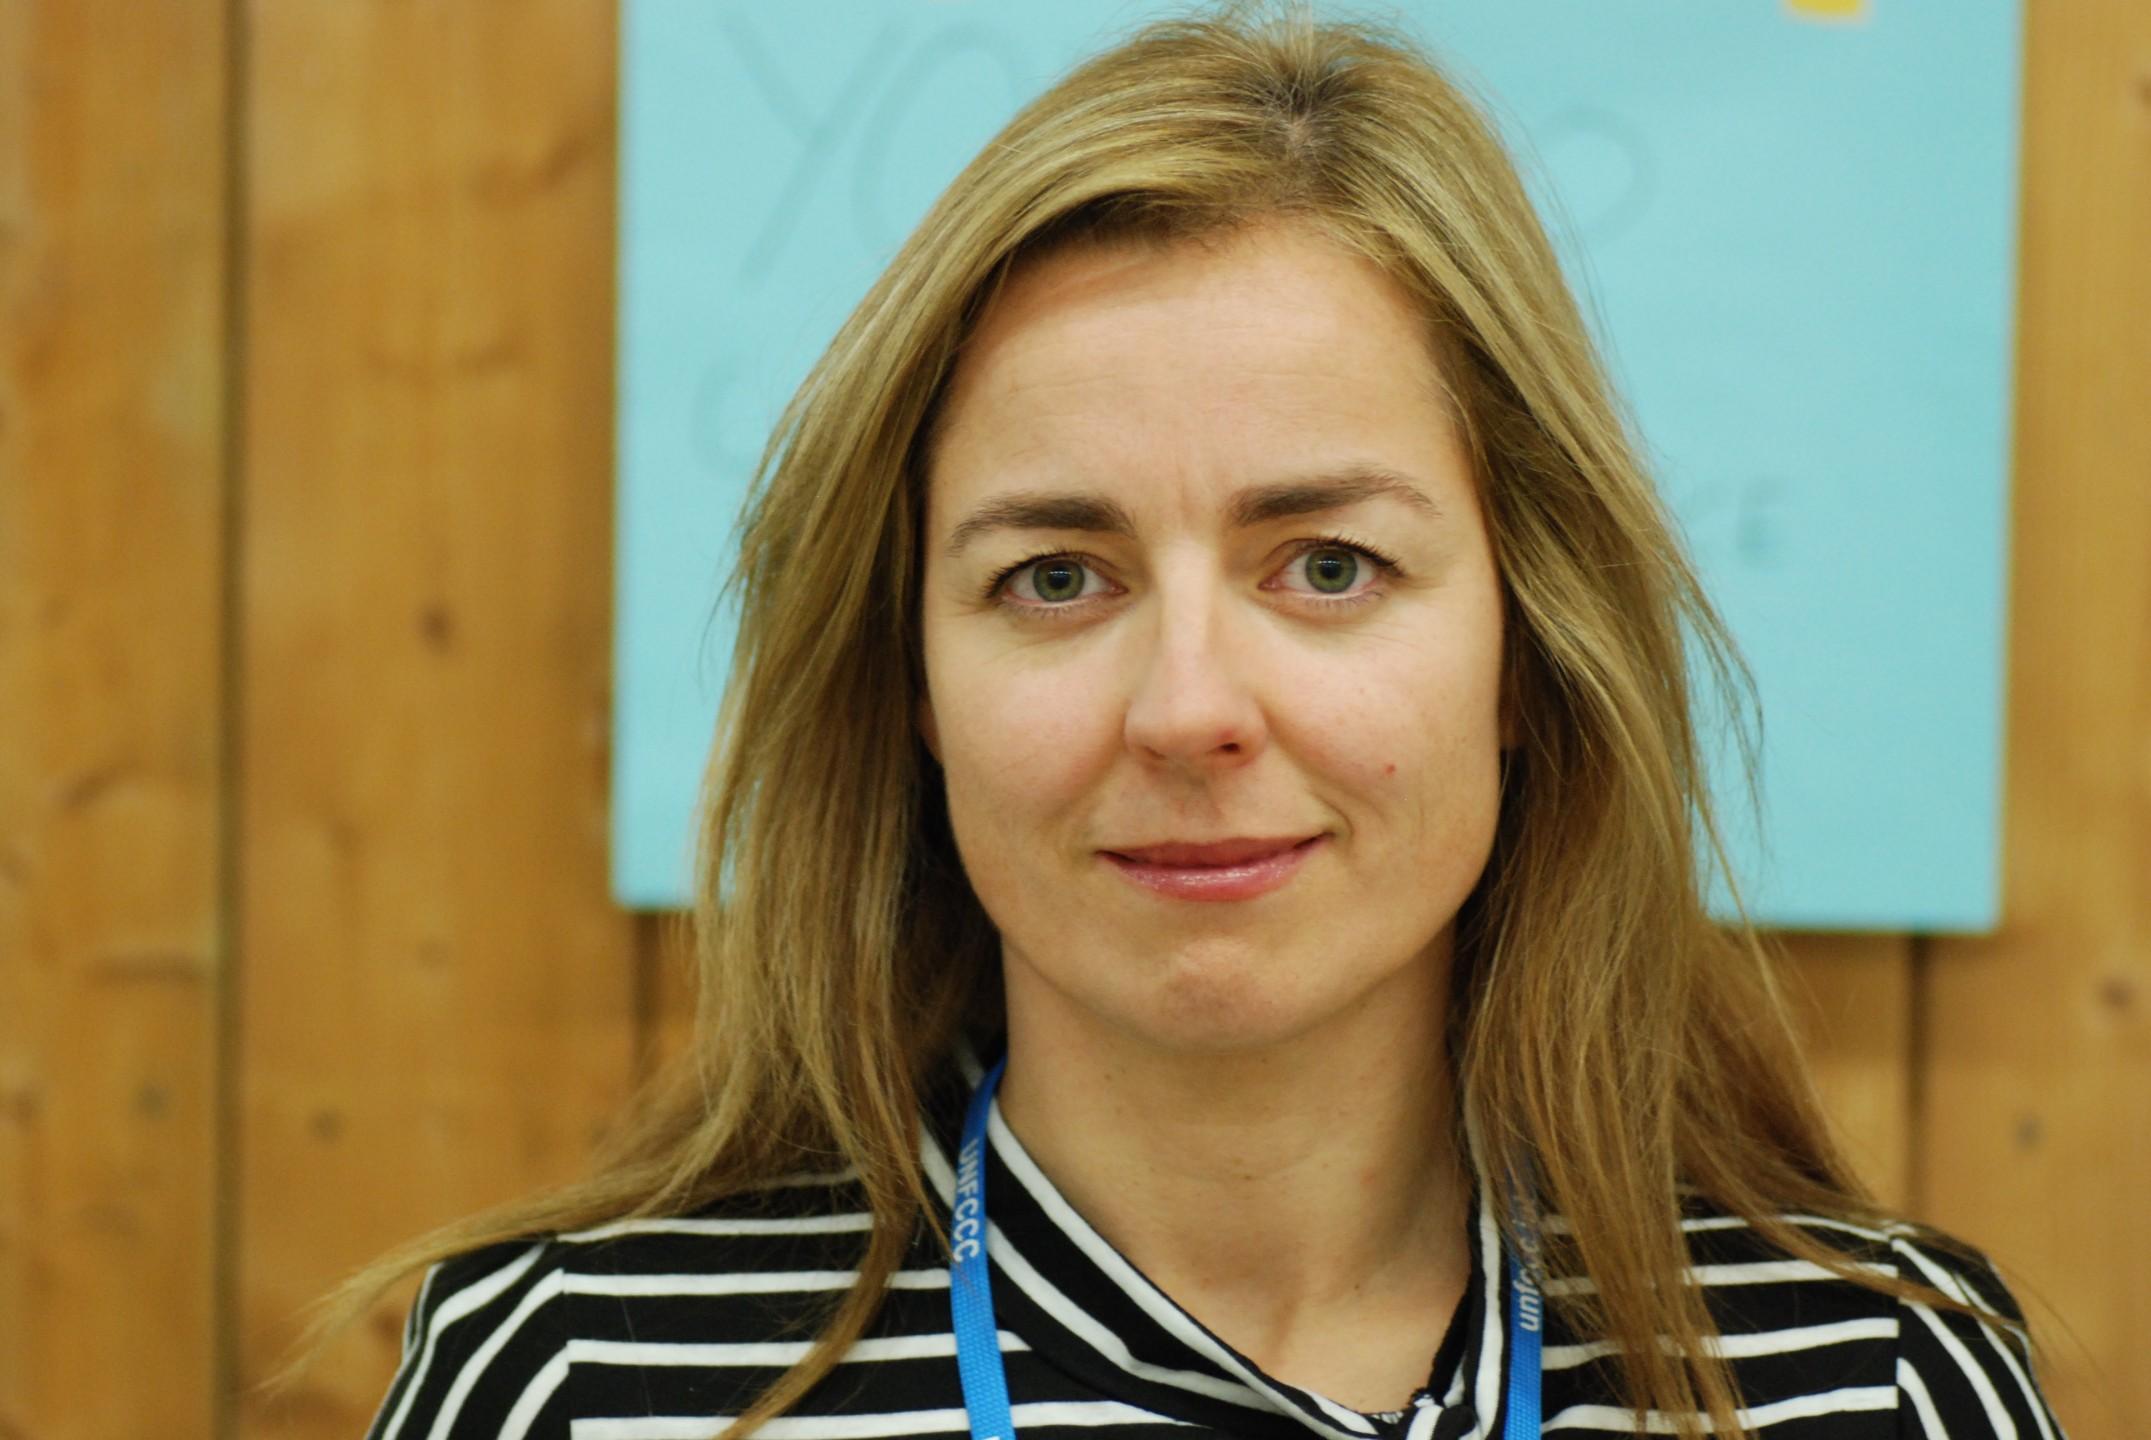 Marianne Thieme over de klimaattop in Parijs